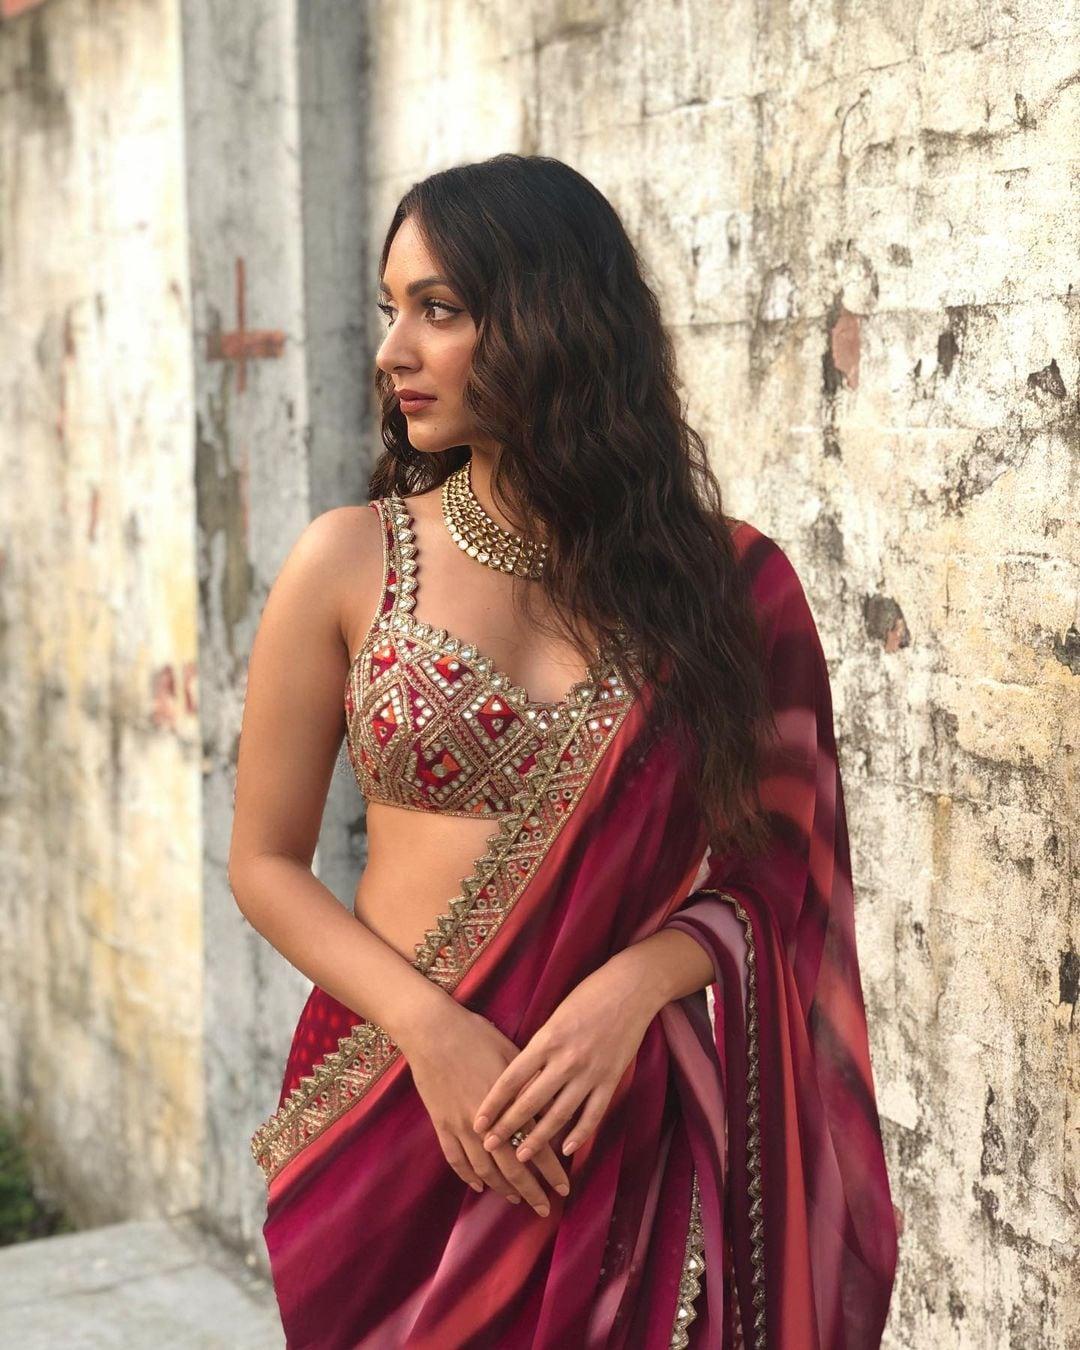 కియారా అద్వానీ లేటెస్ట్ ఫోటోస్ (Instagram/Photo)